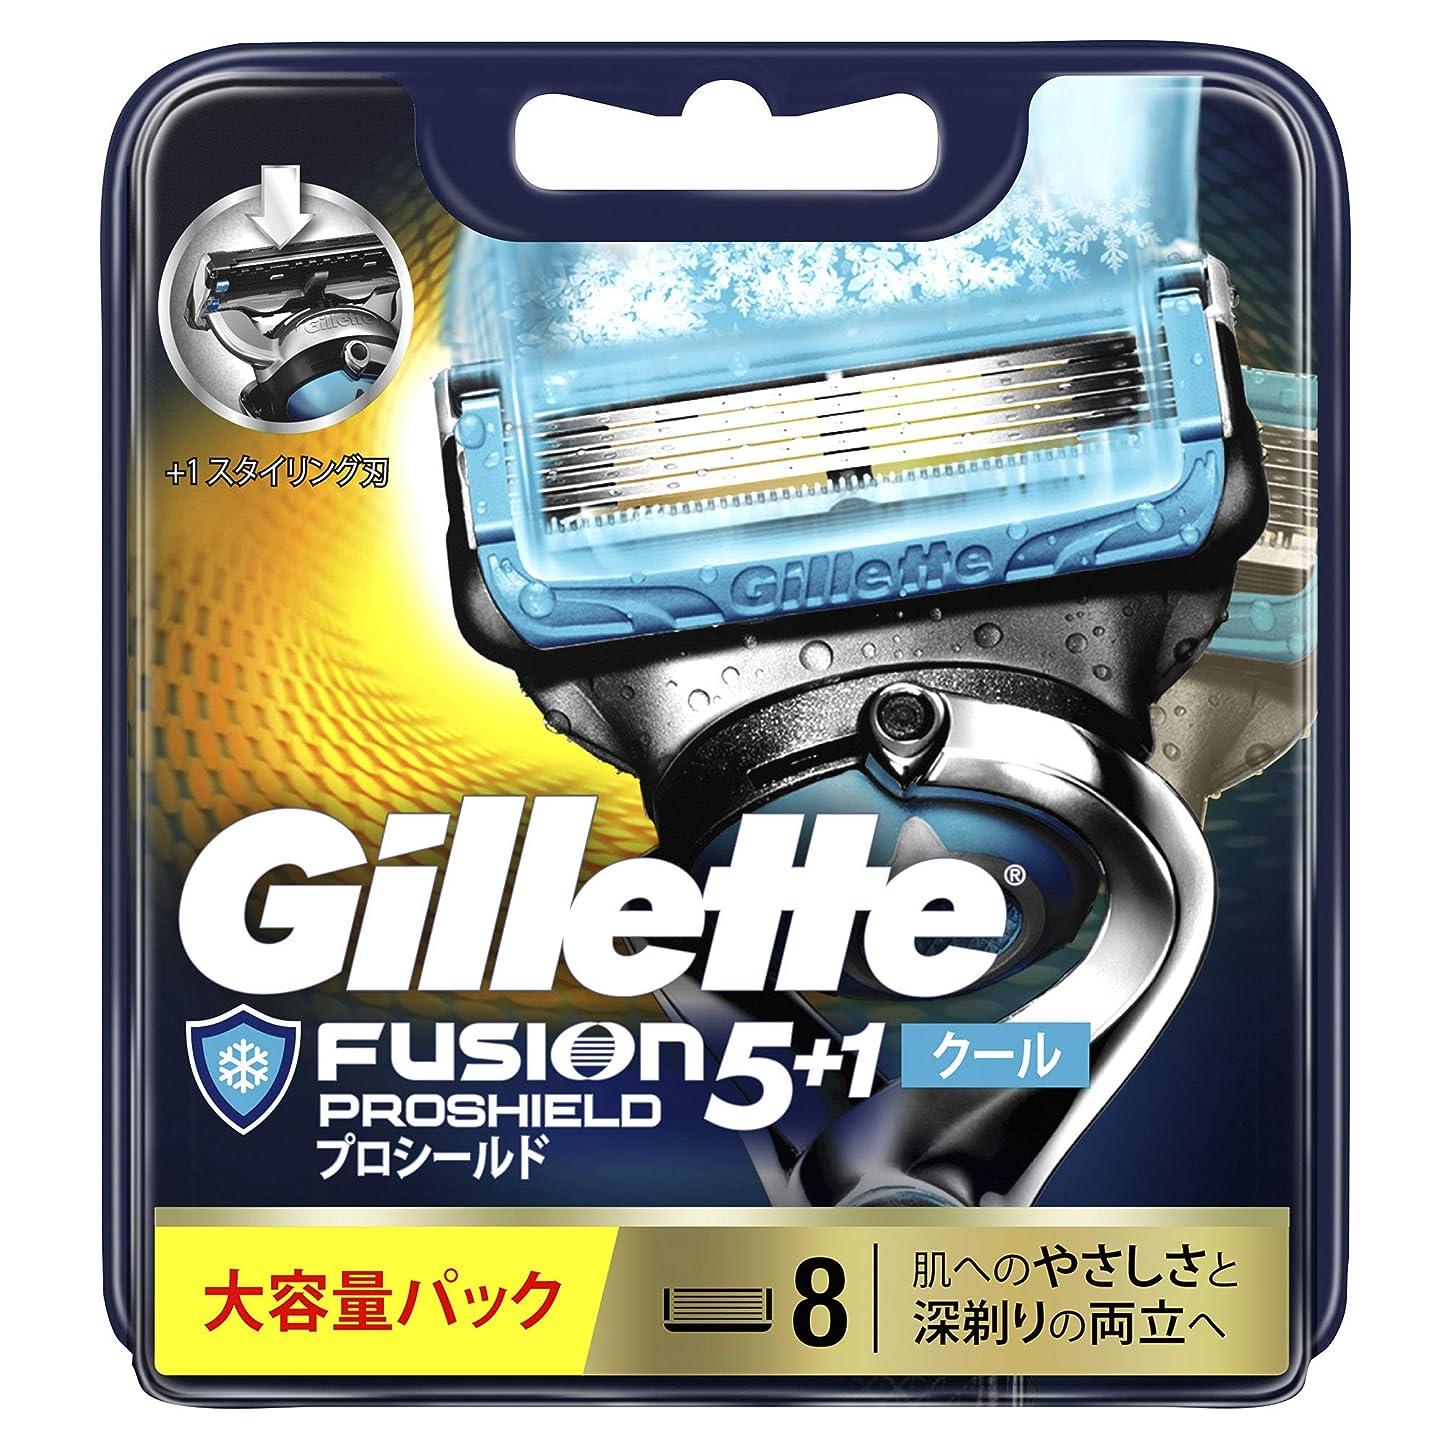 超高層ビルエイリアス最大ジレット 髭剃り フュージョン5+1 プロシールド クール 替刃 8個入